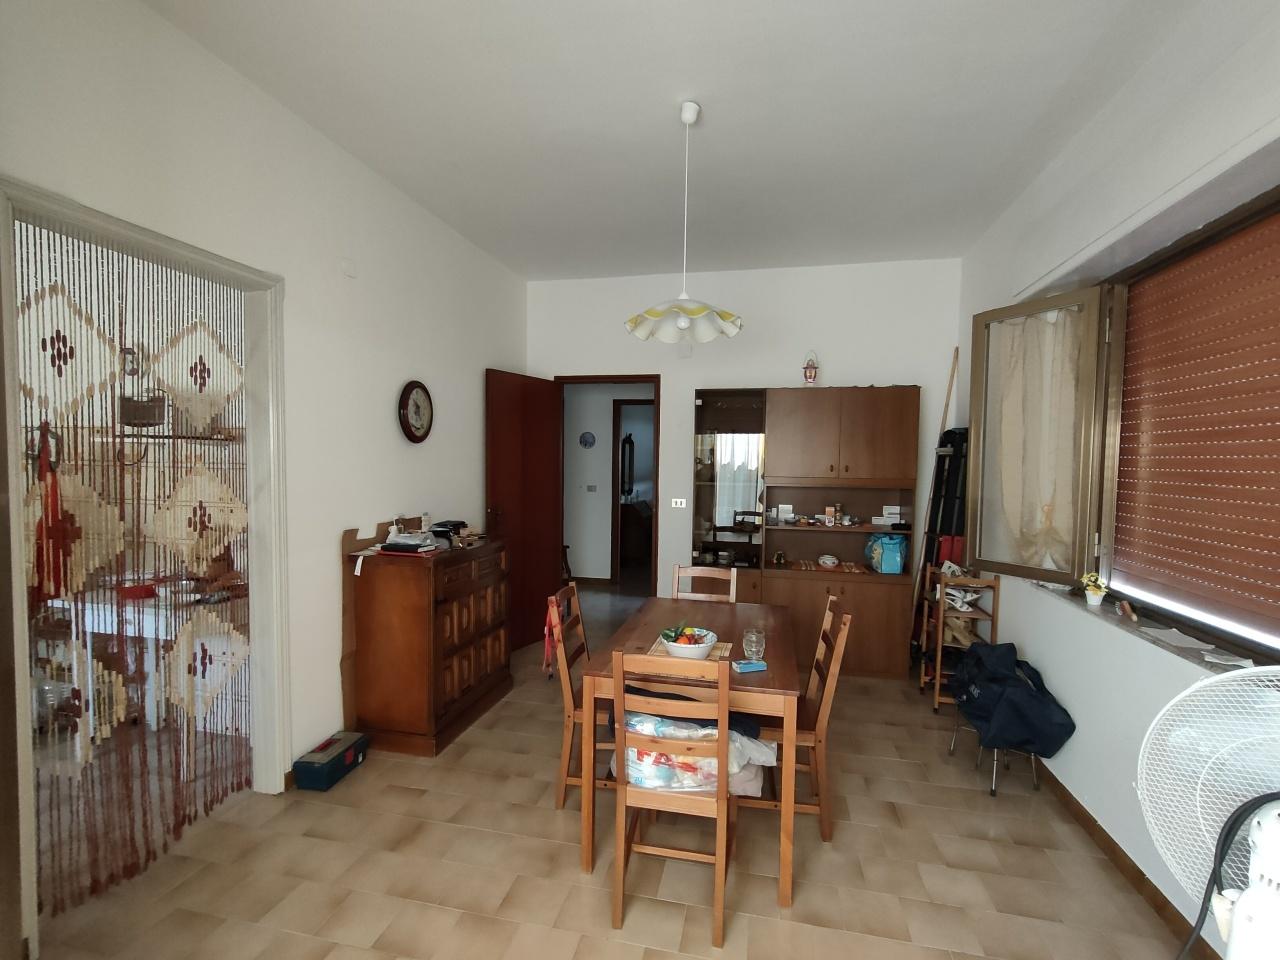 Appartamento in vendita a Palizzi, 2 locali, prezzo € 20.000 | CambioCasa.it